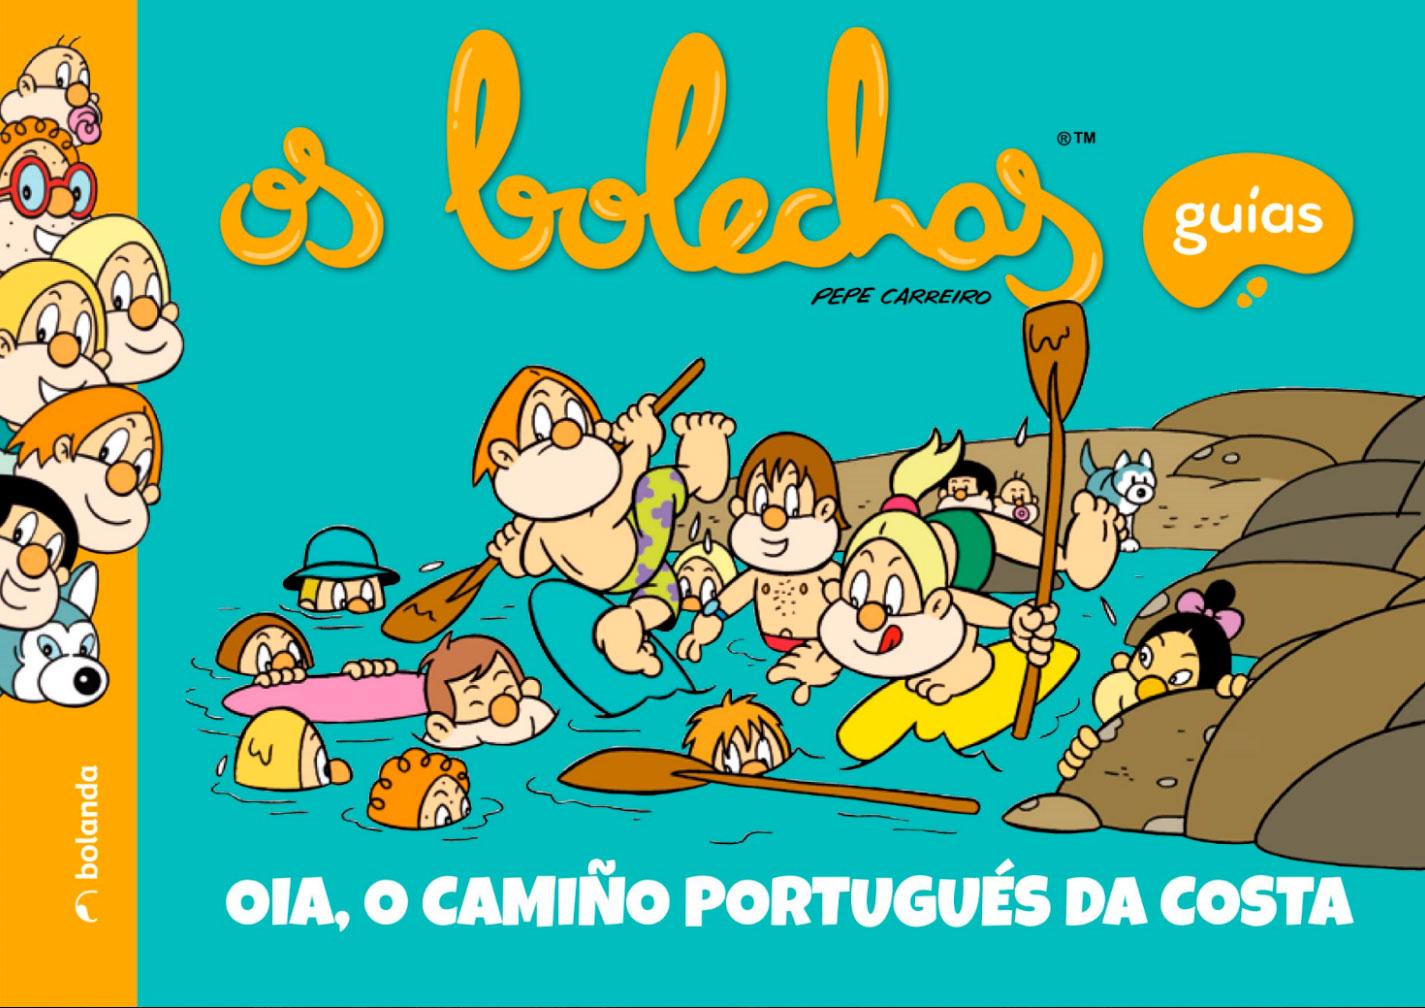 """O Concello edita o libro dos """"BOLECHAS: OIA, O CAMIÑO PORTUGUÉS DA COSTA"""""""